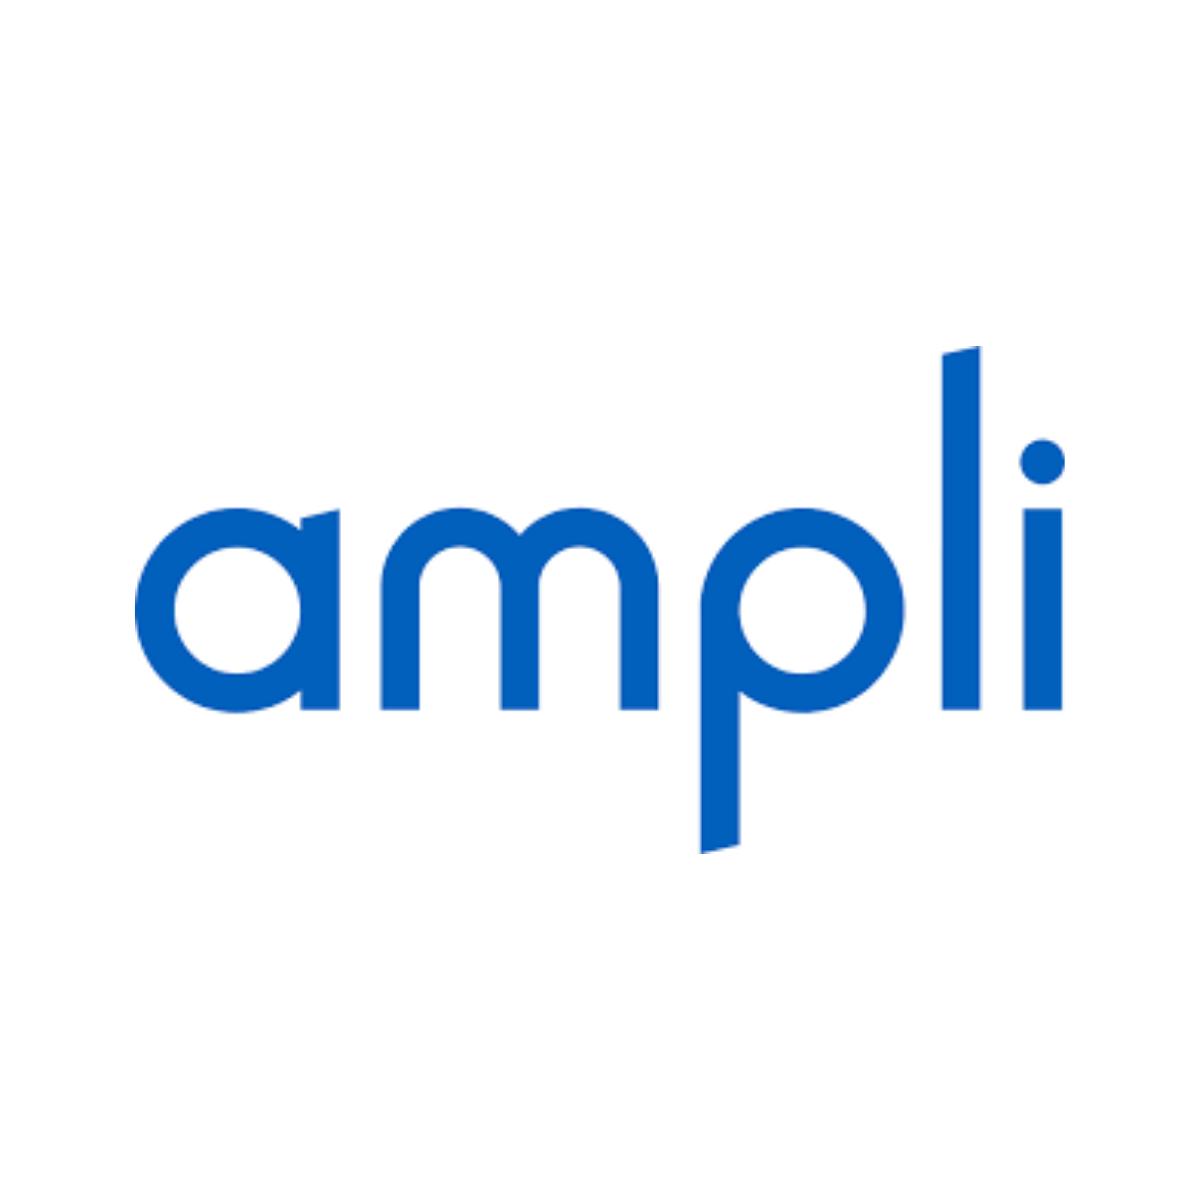 Ampli Cash Back App Review